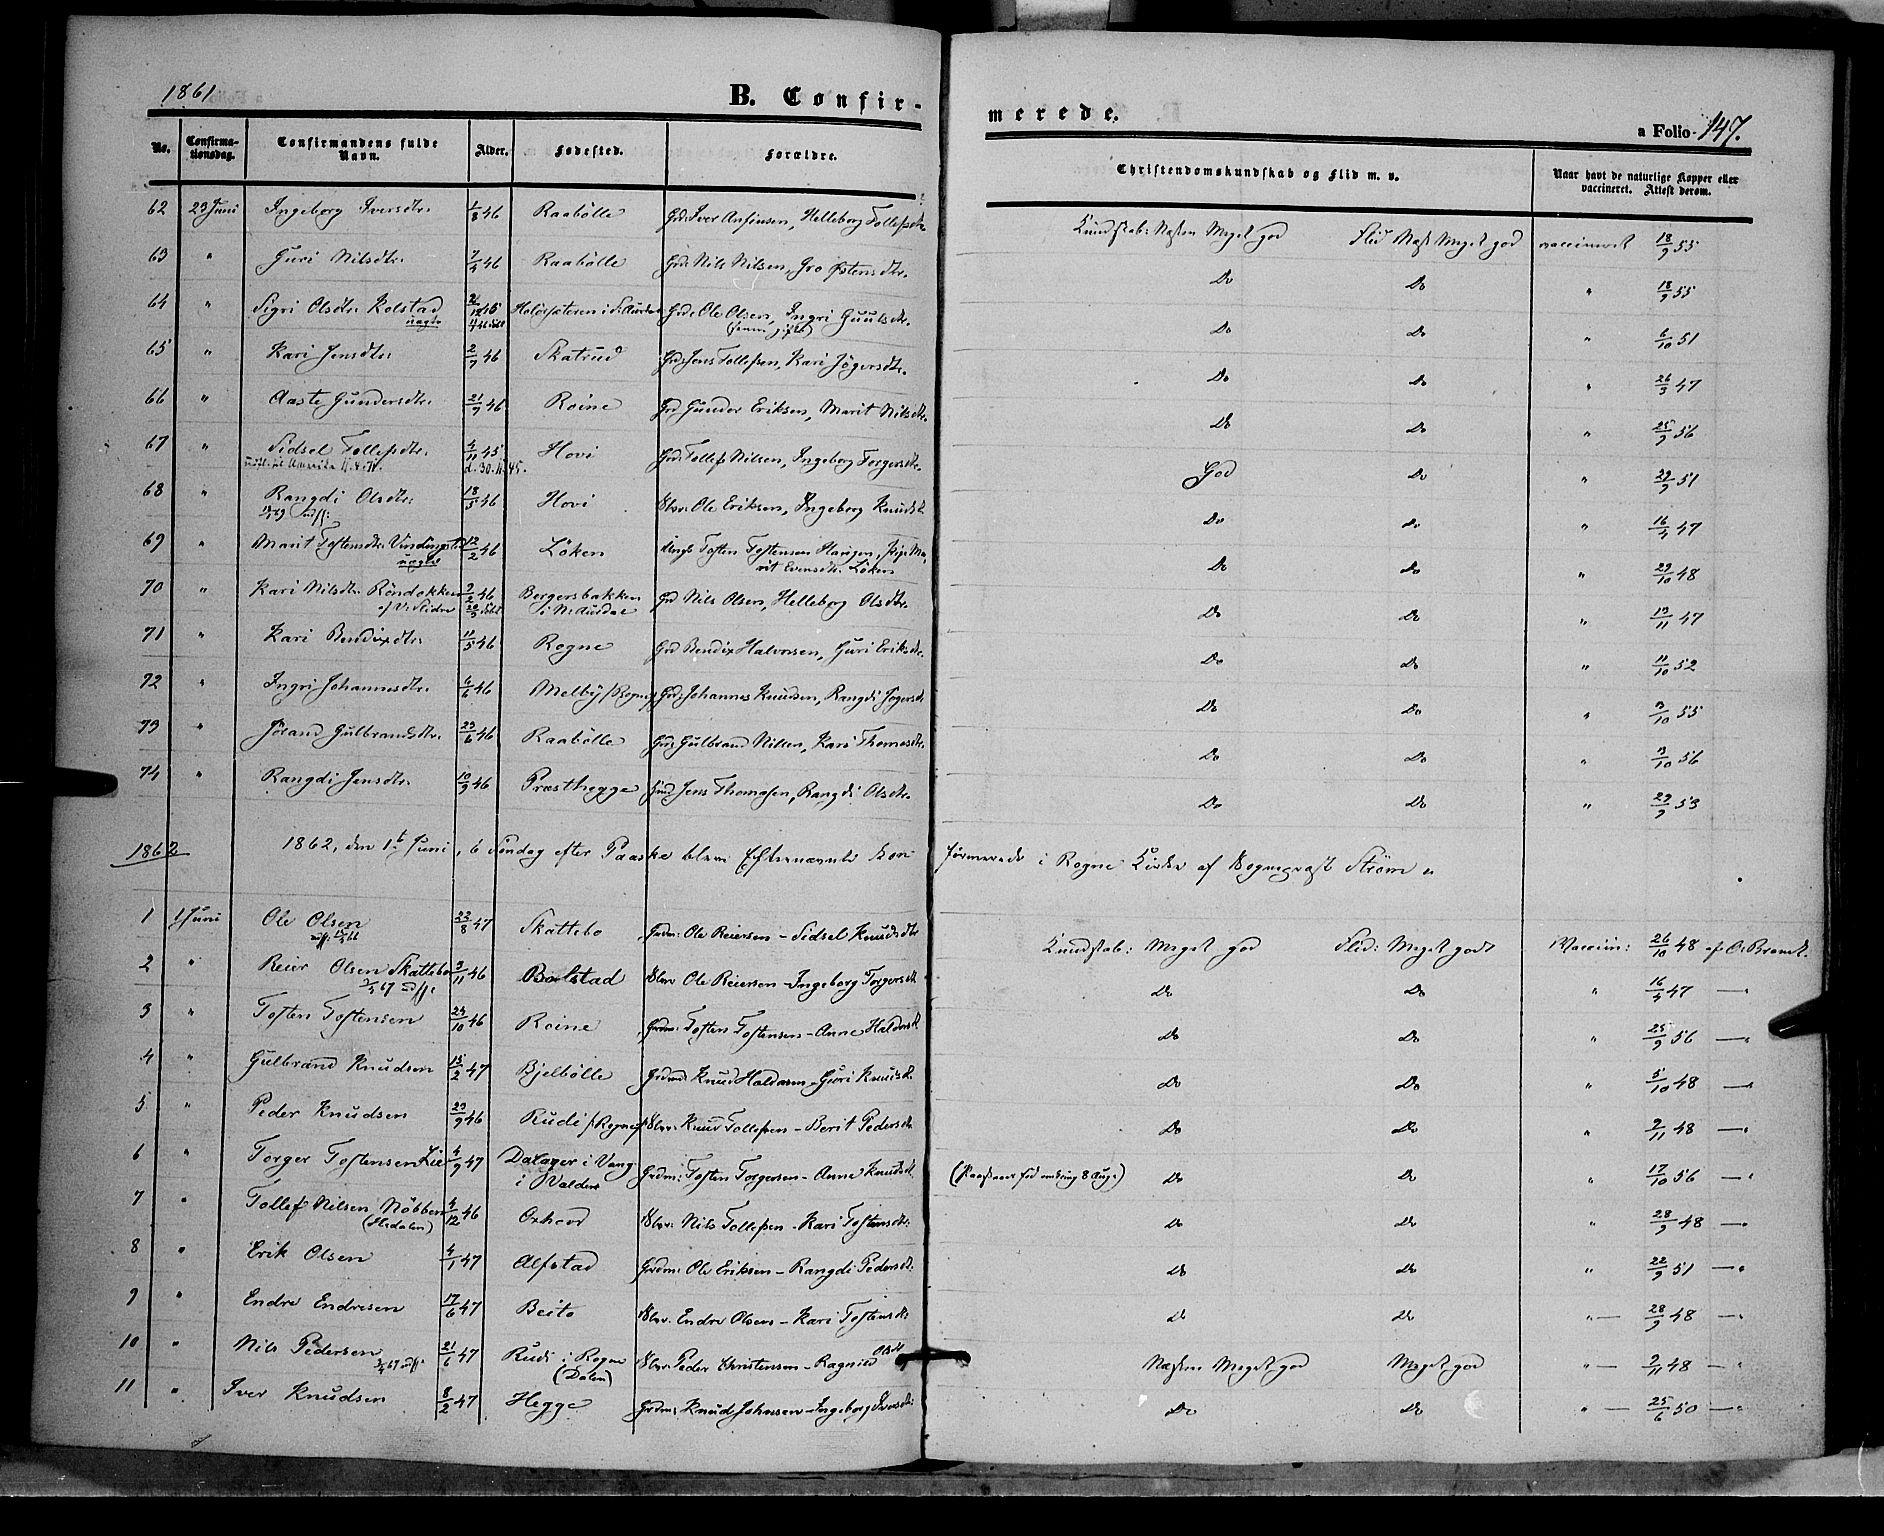 SAH, Øystre Slidre prestekontor, Ministerialbok nr. 1, 1849-1874, s. 147